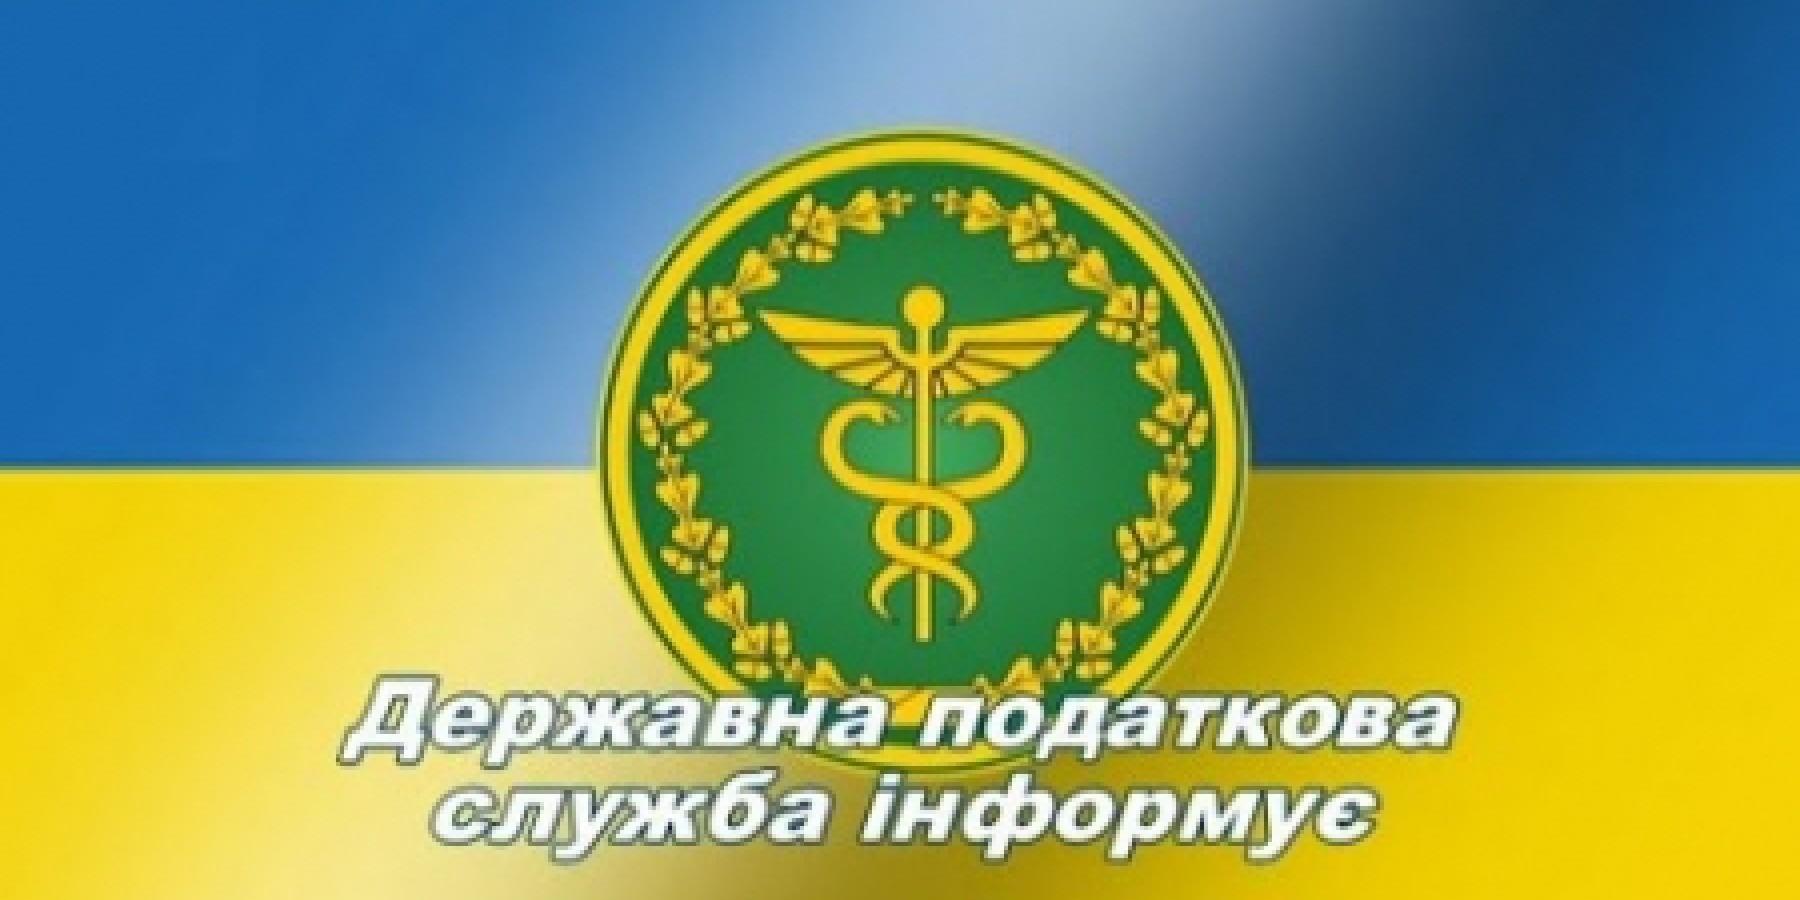 Головне управління ДПС у Дніпропетровській області інформує